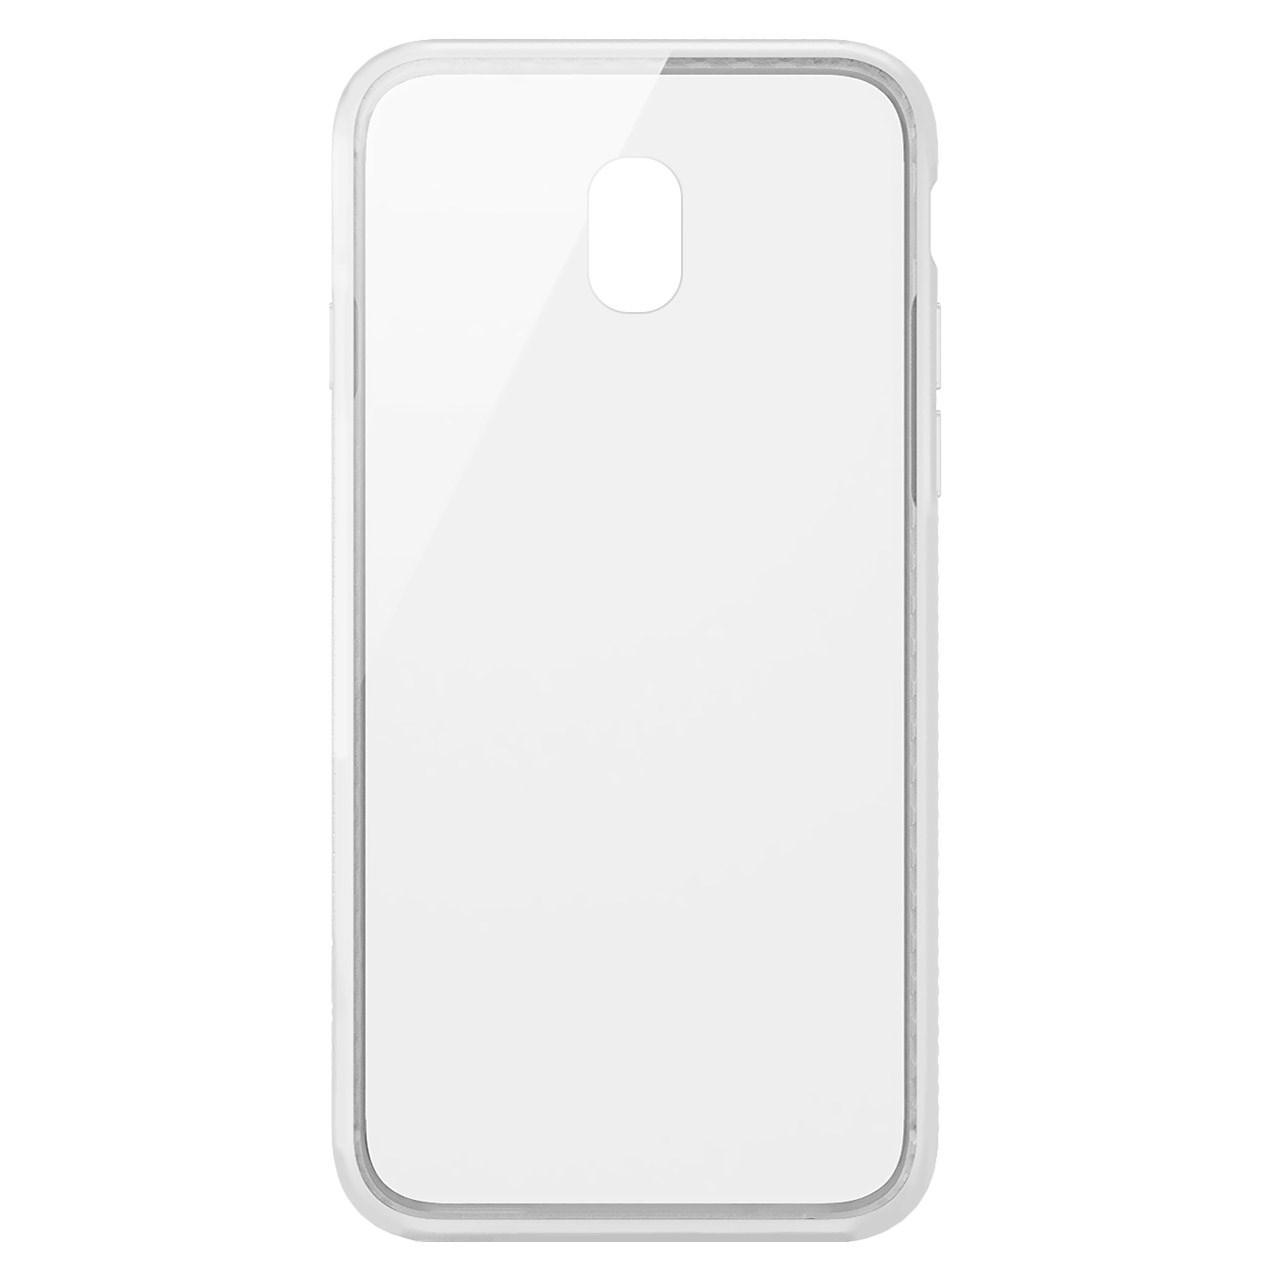 کاور مدل Clear TPU مناسب برای گوشی موبایل سامسونگ J7 Pro/J7 2017              ( قیمت و خرید)